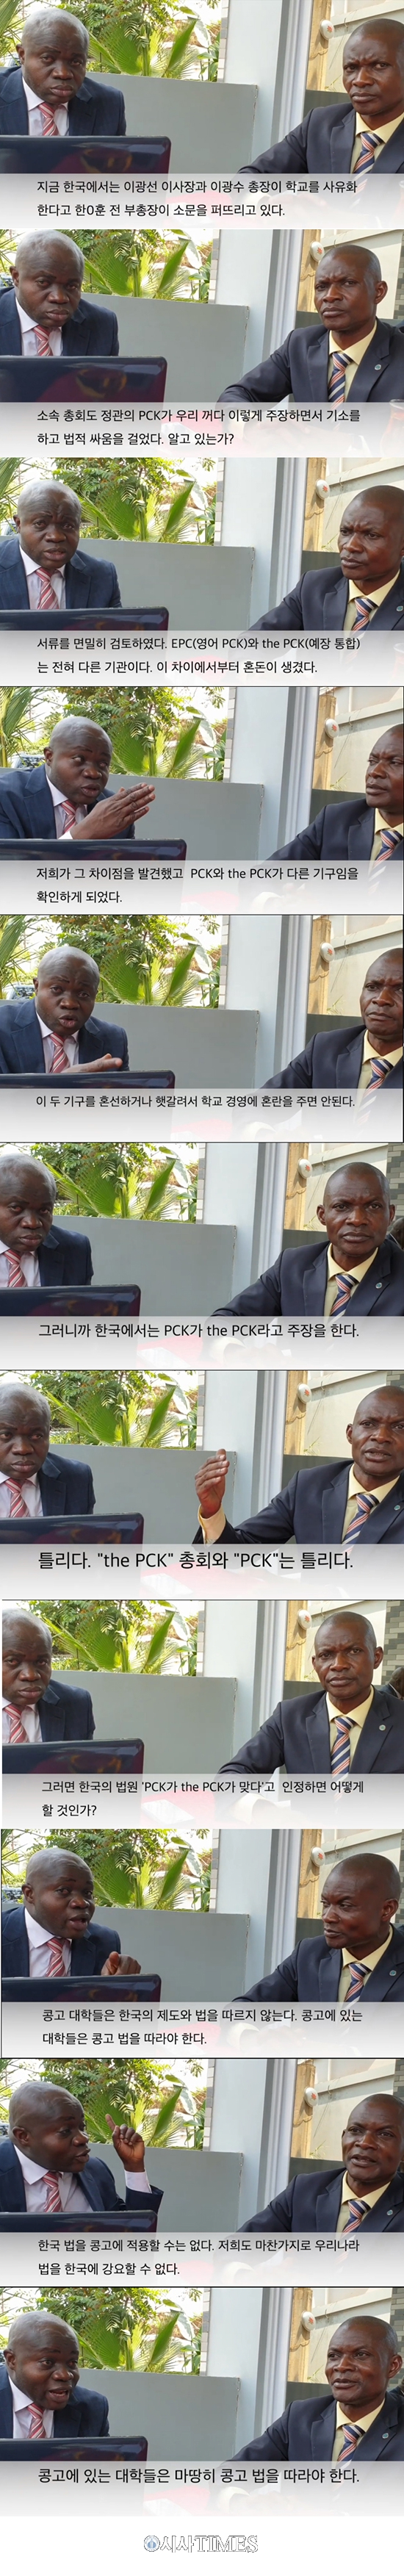 한경훈 선교사가 콩고와 한국교회를 농락한 사건 전말(3)…콩고교육부 대표변호사 인터뷰 영상 캡처 사진 공개